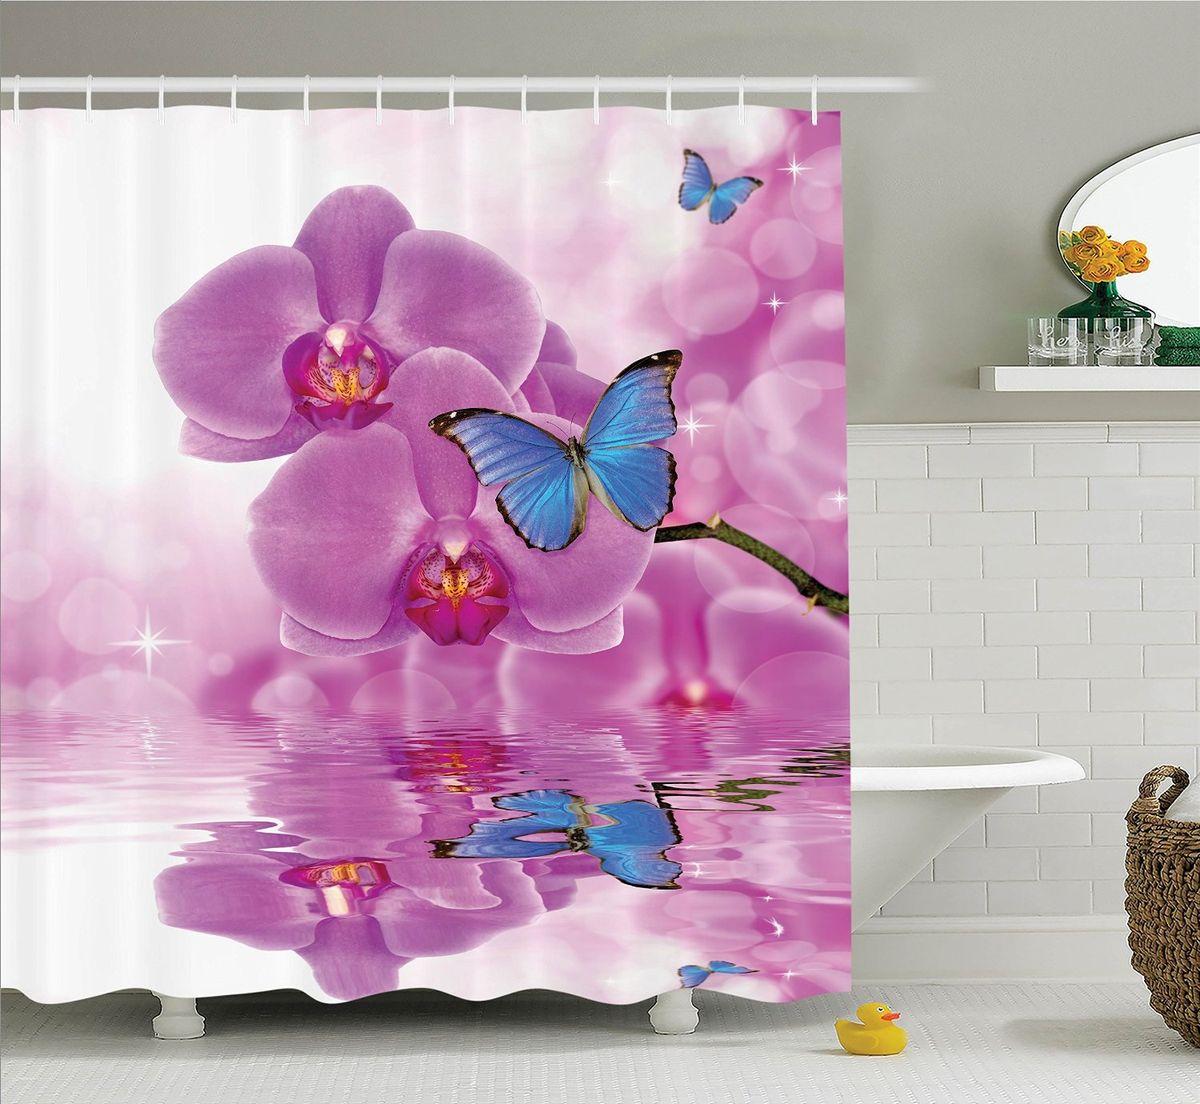 Штора для ванной комнаты Magic Lady Бабочки на цветах орхидеи, 180 х 200 смшв_11023Компания Сэмболь изготавливает шторы из высококачественного сатена (полиэстер 100%). При изготовлении используются специальные гипоаллергенные чернила для прямой печати по ткани, безопасные для человека и животных. Экологичность продукции Magic lady и безопасность для окружающей среды подтверждены сертификатом Oeko-Tex Standard 100. Крепление: крючки (12 шт.). Внимание! При нанесении сублимационной печати на ткань технологическим методом при температуре 240 С, возможно отклонение полученных размеров, указанных на этикетке и сайте, от стандартных на + - 3-5 см. Мы стараемся максимально точно передать цвета изделия на наших фотографиях, однако искажения неизбежны и фактический цвет изделия может отличаться от воспринимаемого по фото. Обратите внимание! Шторы изготовлены из полиэстра сатенового переплетения, а не из сатина (хлопок). Размер шторы 180*200 см. В комплекте 1 штора и 12 крючков.